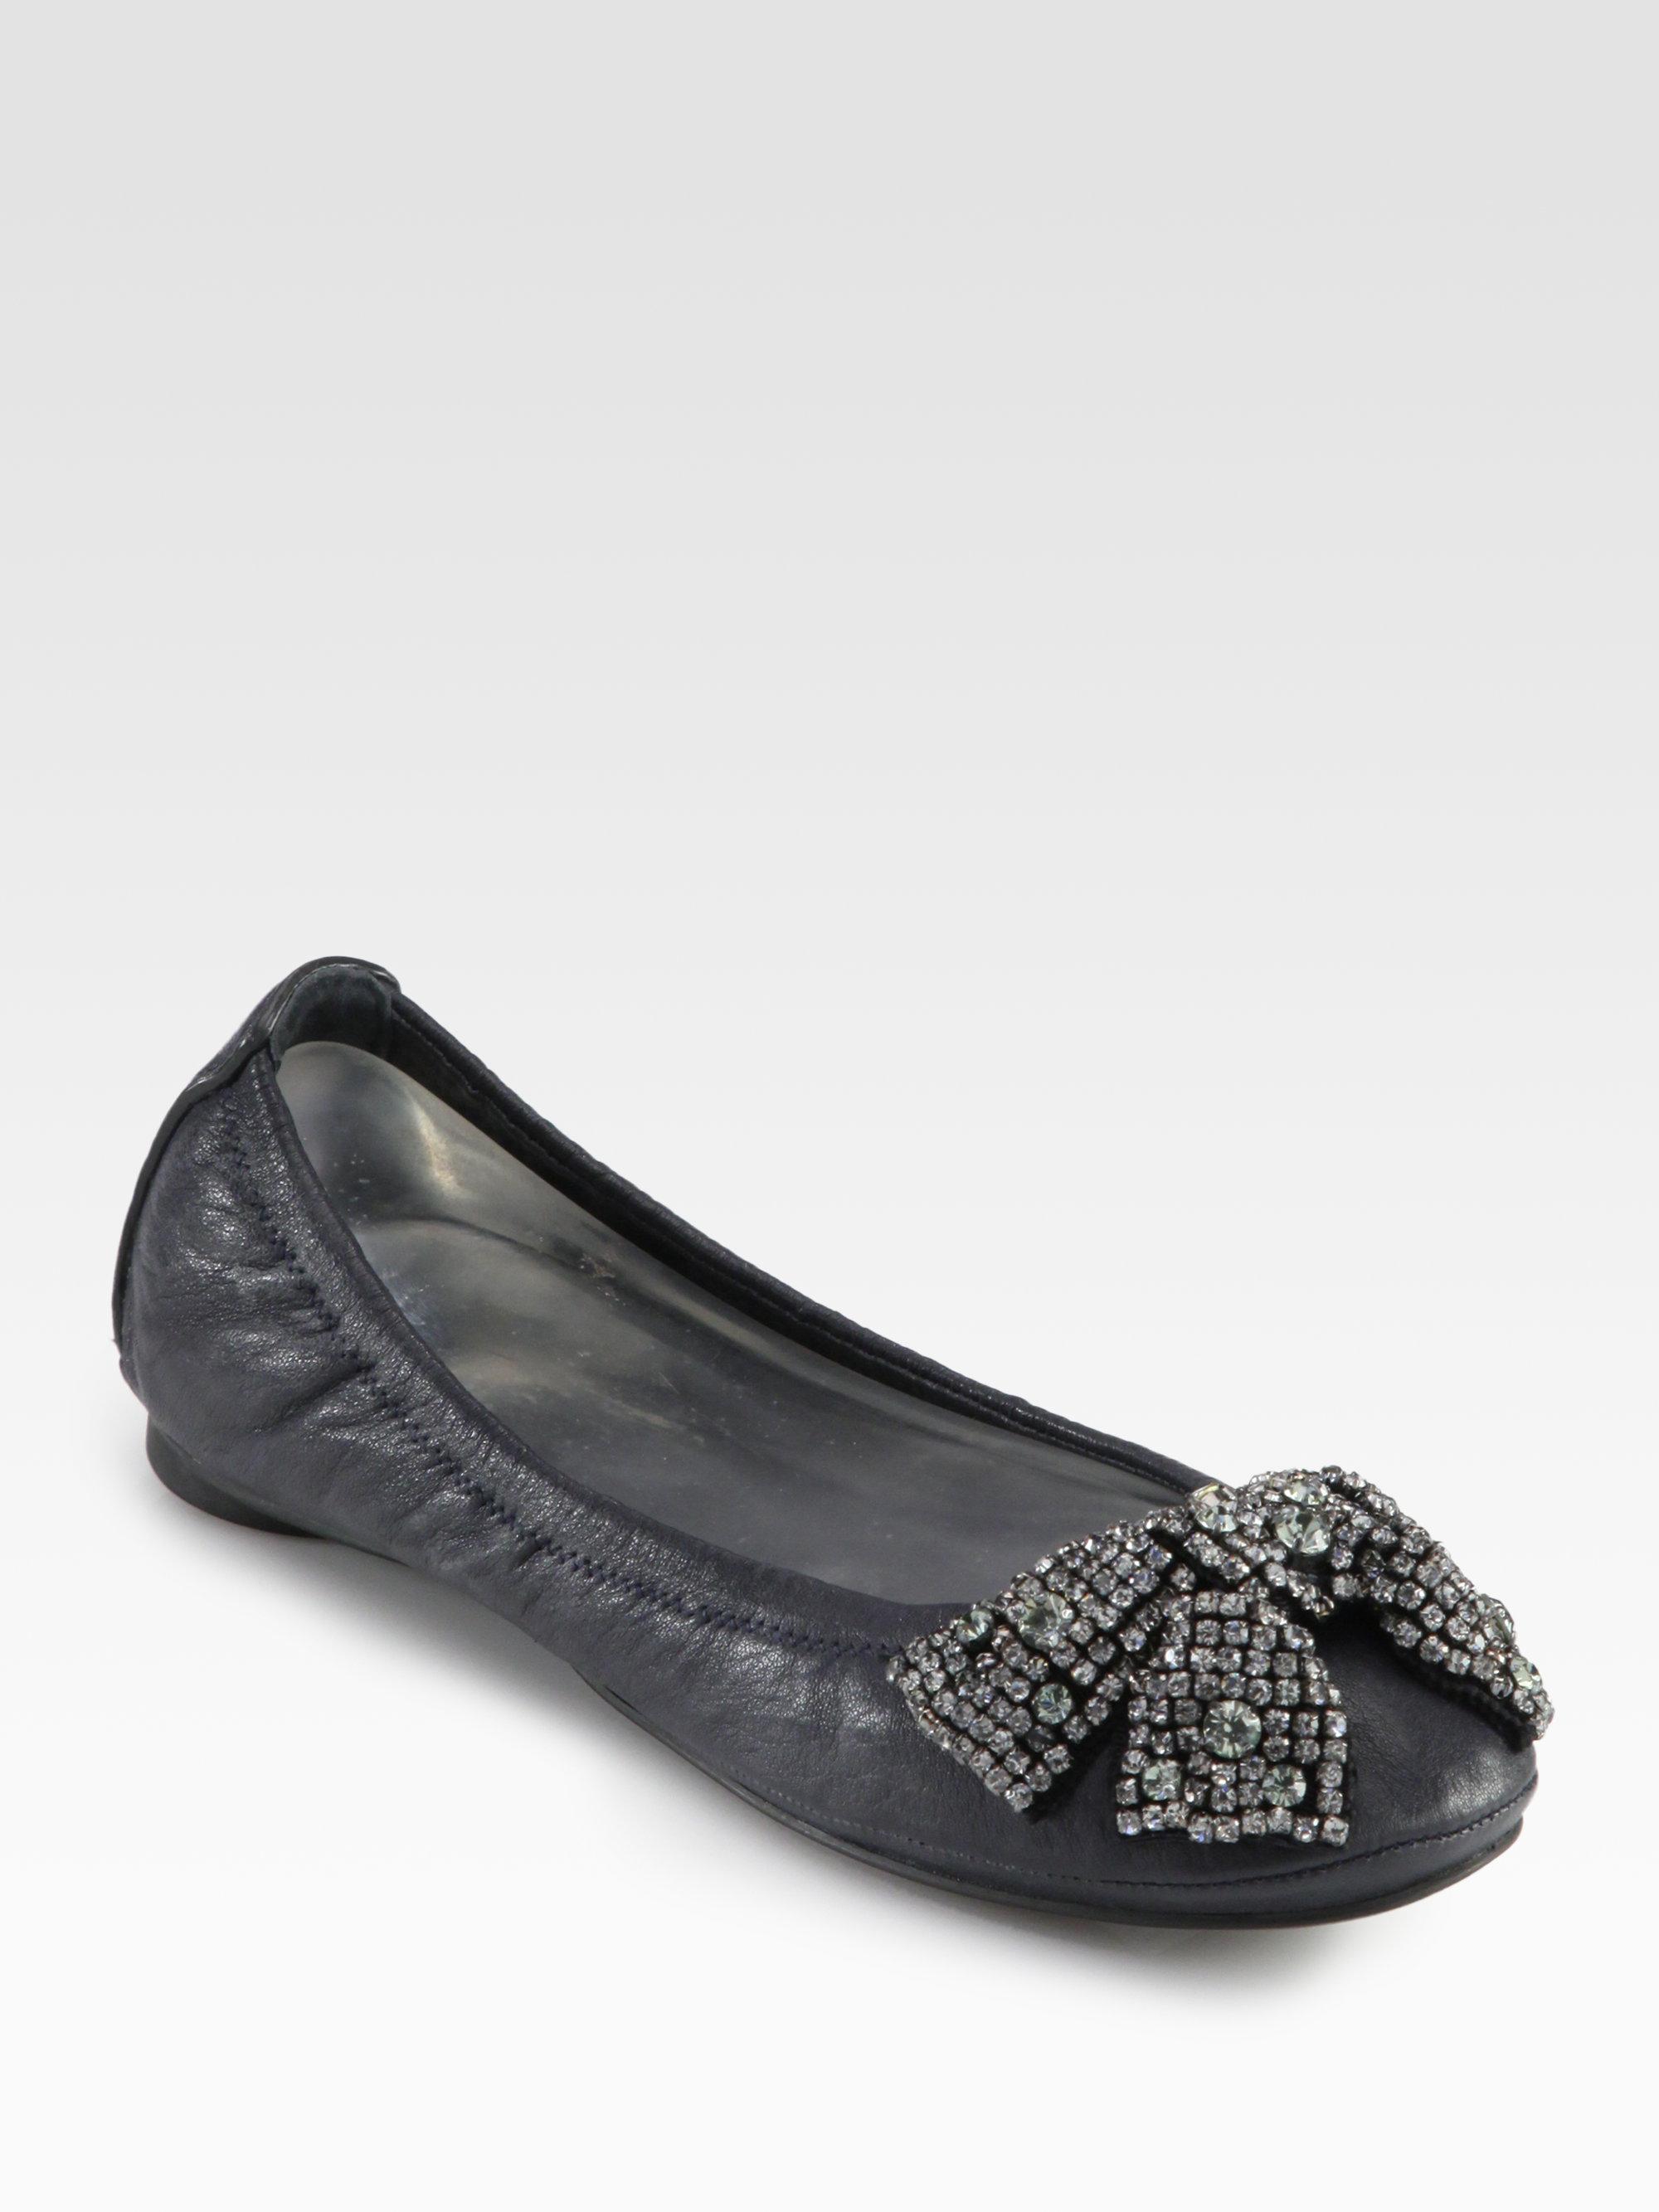 35fff029a4b7 Lyst - Tory Burch Eddie Leather Crystal Bow Ballet Flats in Black